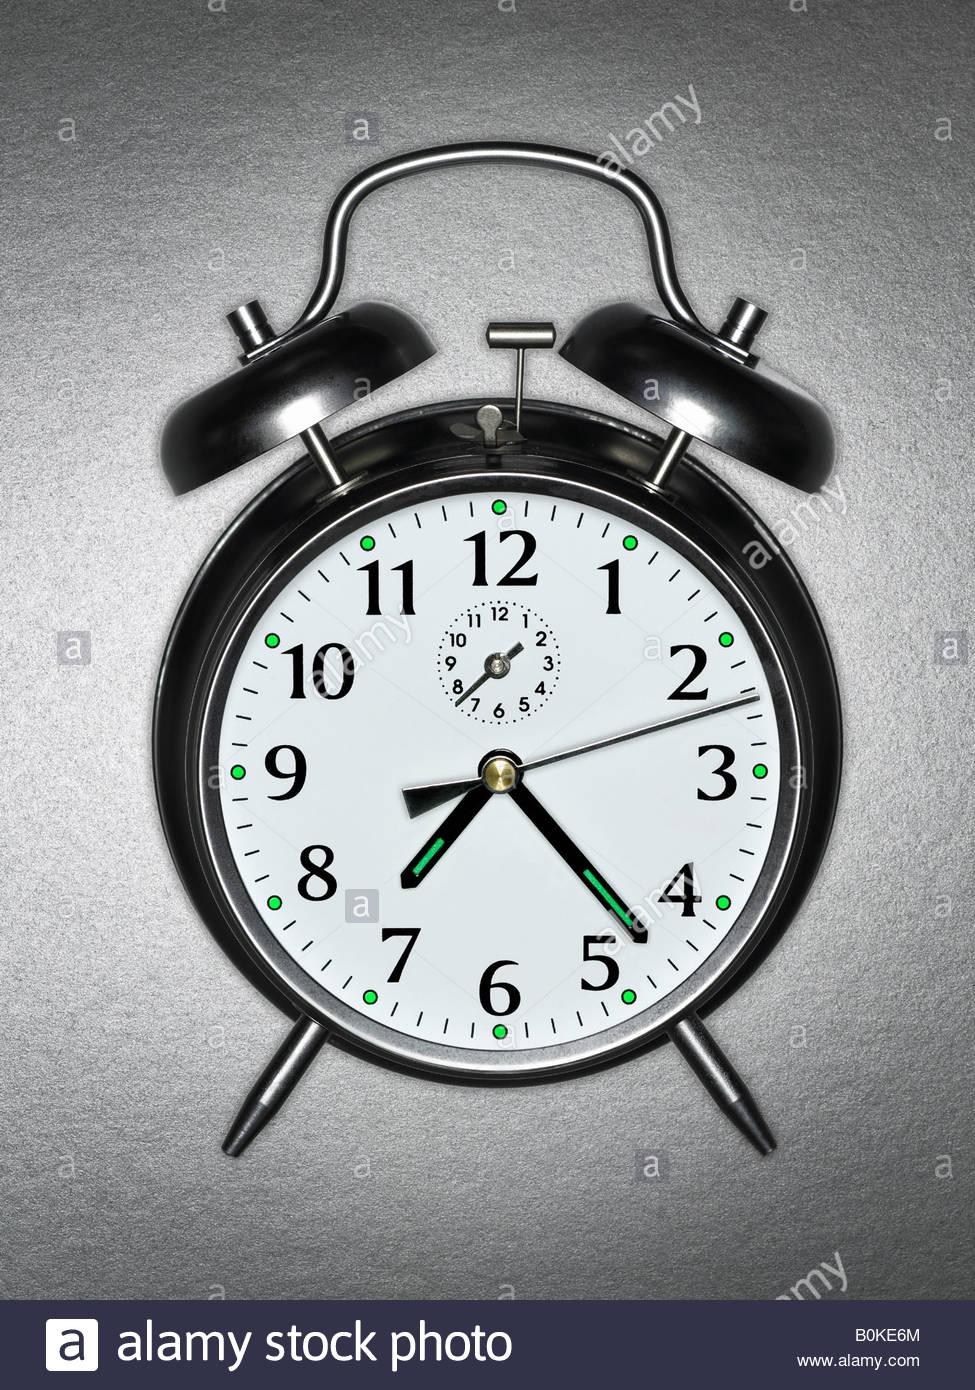 An alarm clock - Stock Image